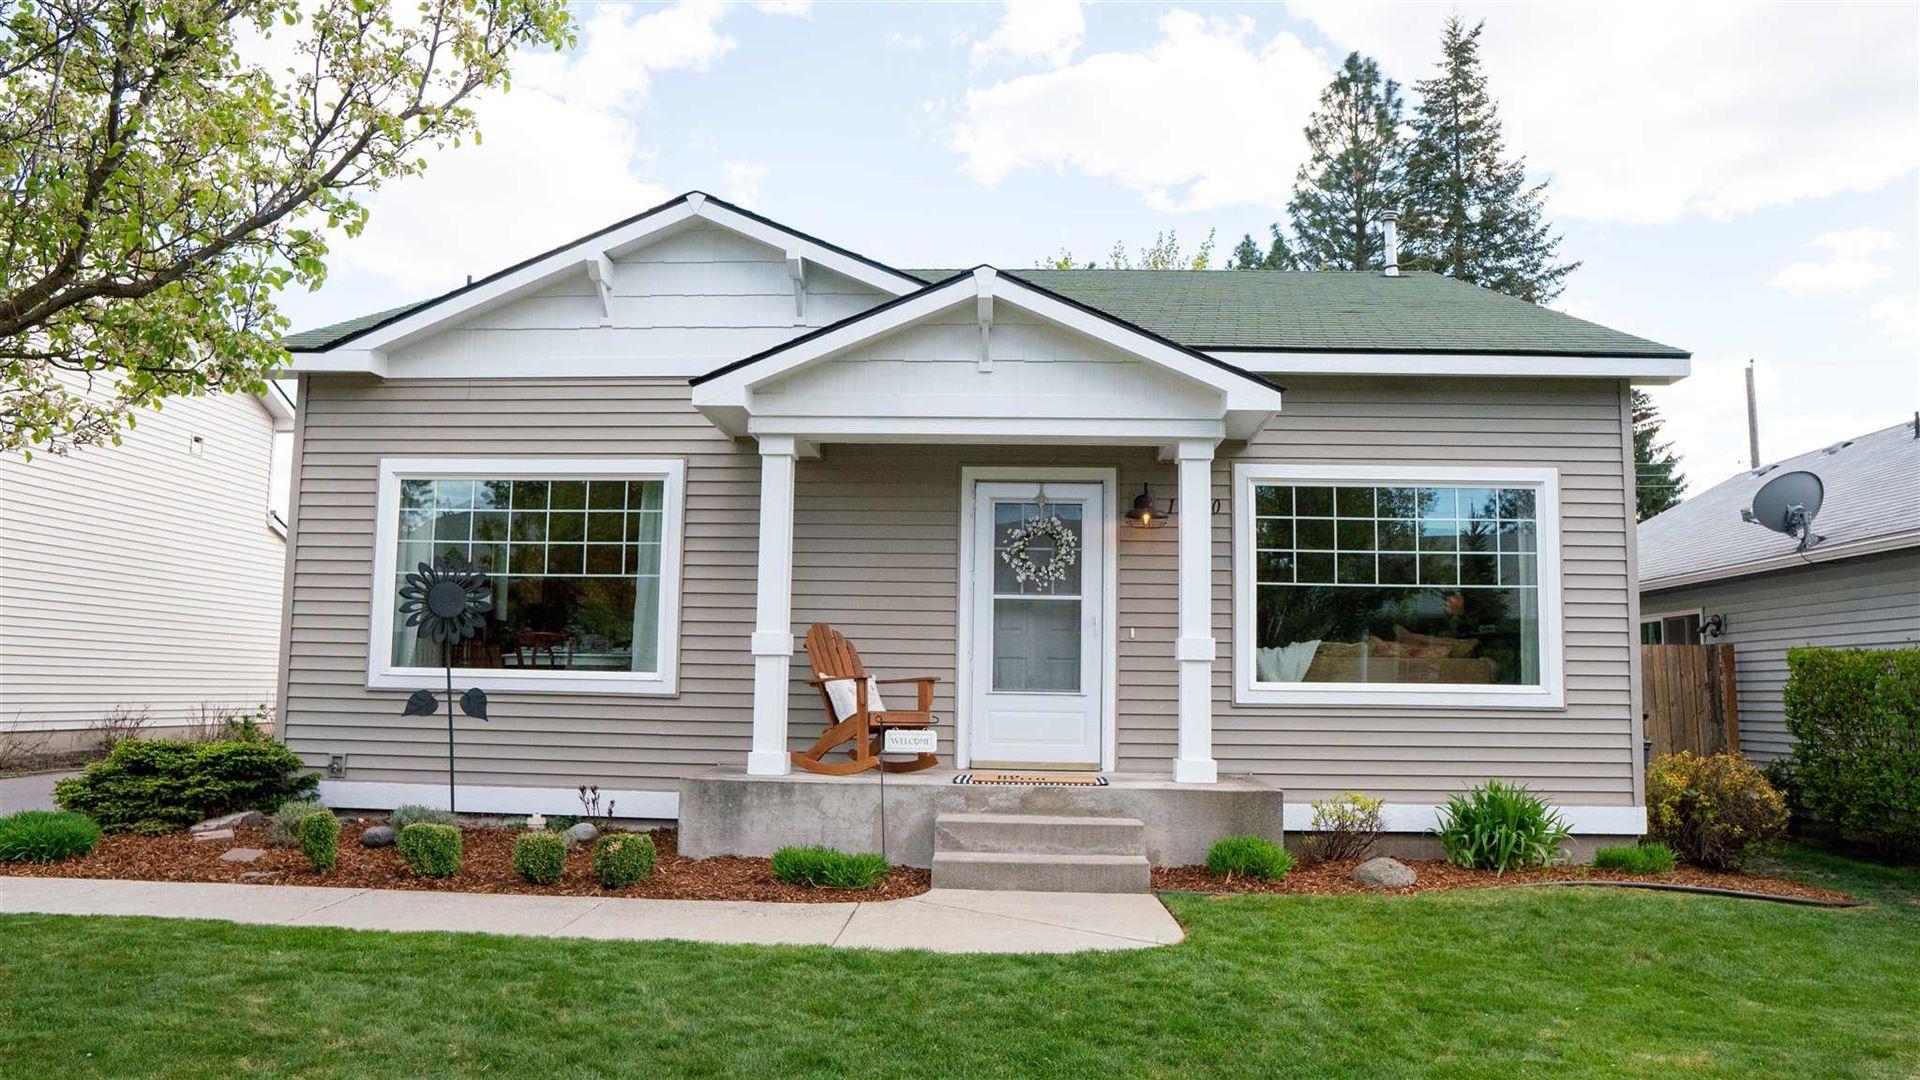 10110 E 17TH Ln, Spokane Valley, WA 99206 - #: 202115296